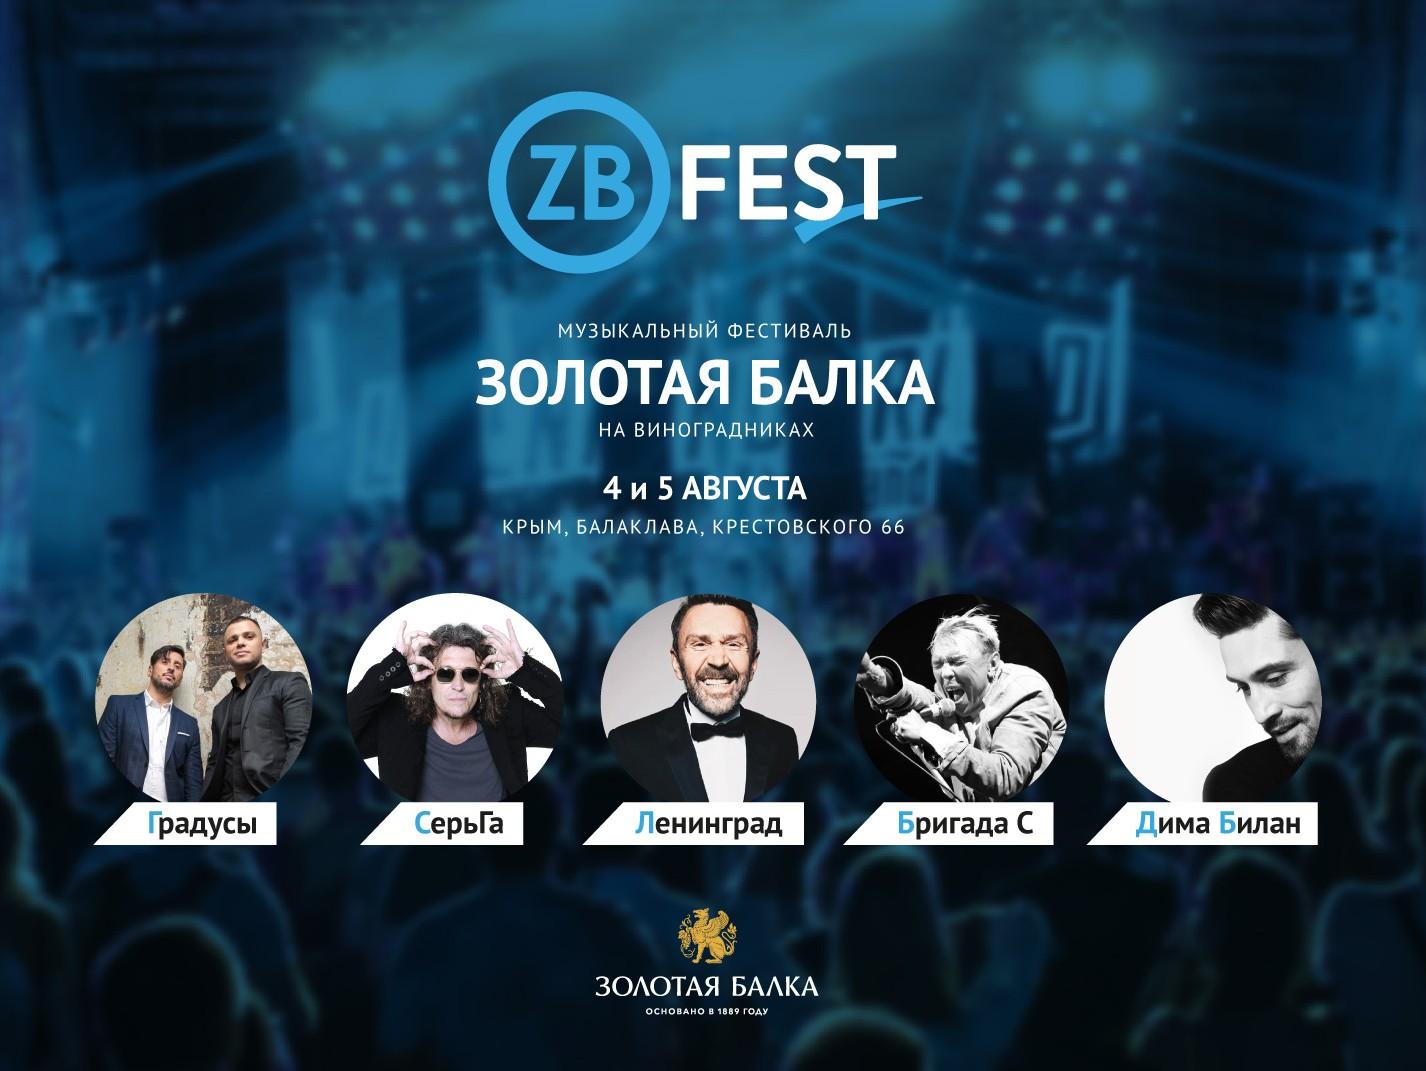 золотая балка фестиваль 5 августа